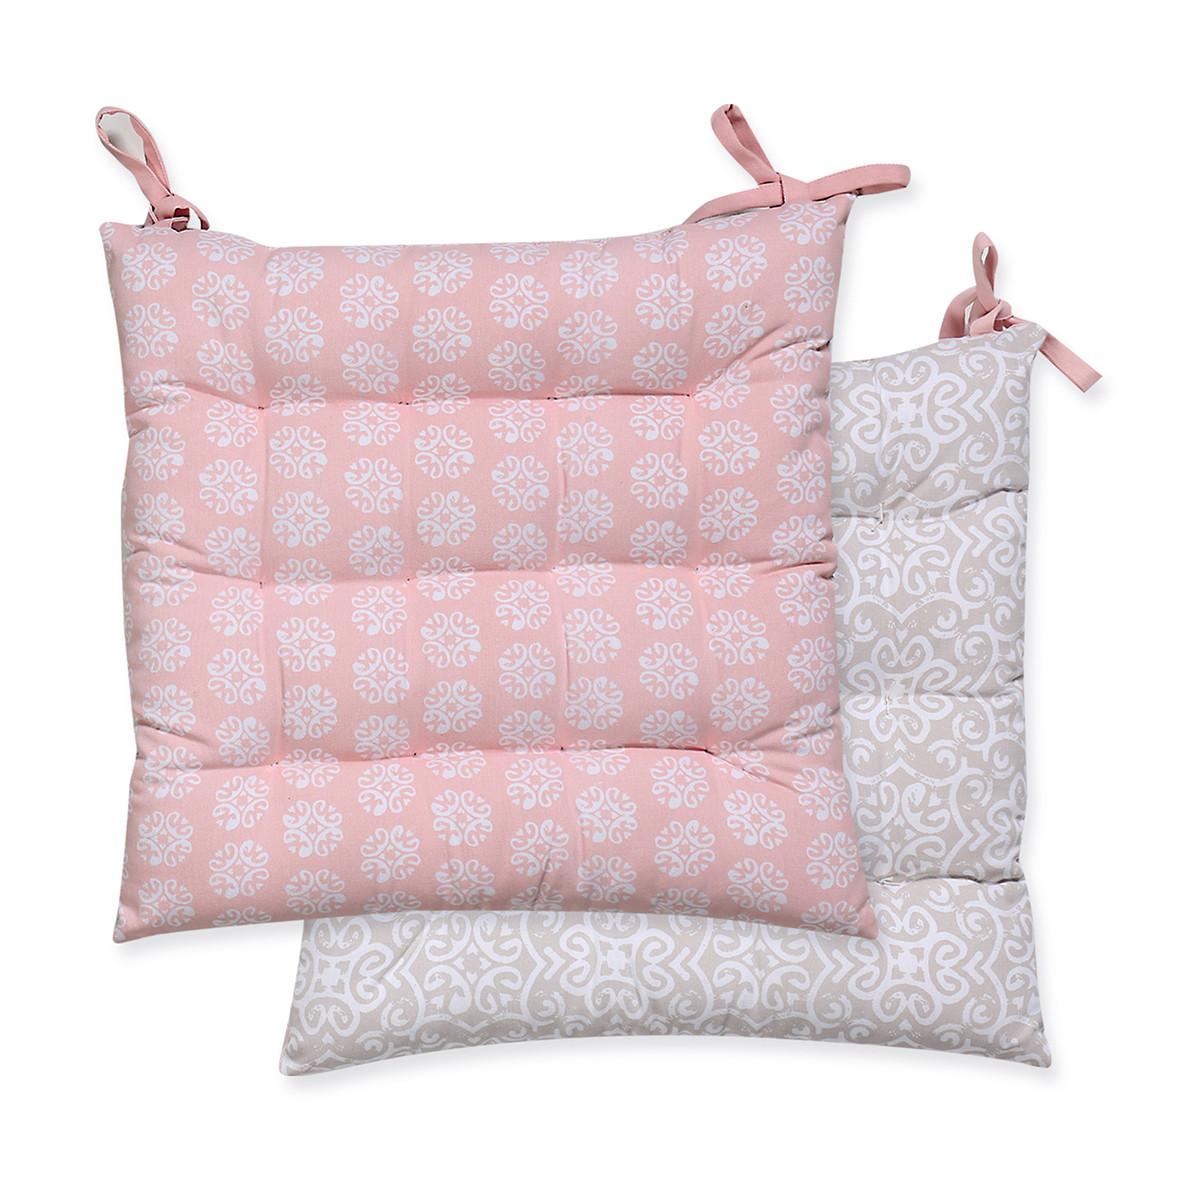 Μαξιλάρι Καρέκλας 2 Όψεων Nef-Nef Donanim Pink home   κουζίνα   τραπεζαρία   μαξιλάρια καρέκλας